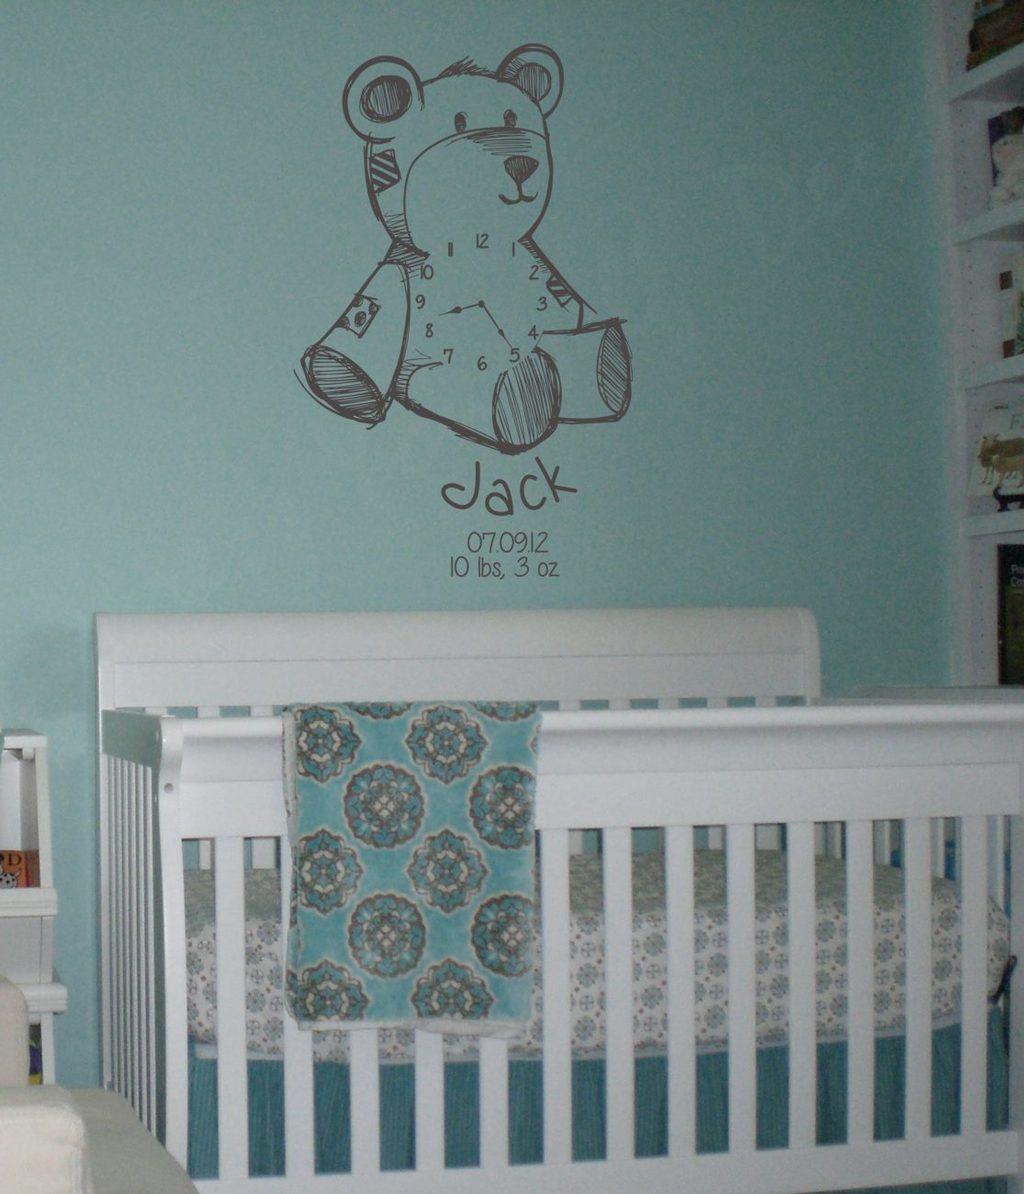 Teddy date of birth clock